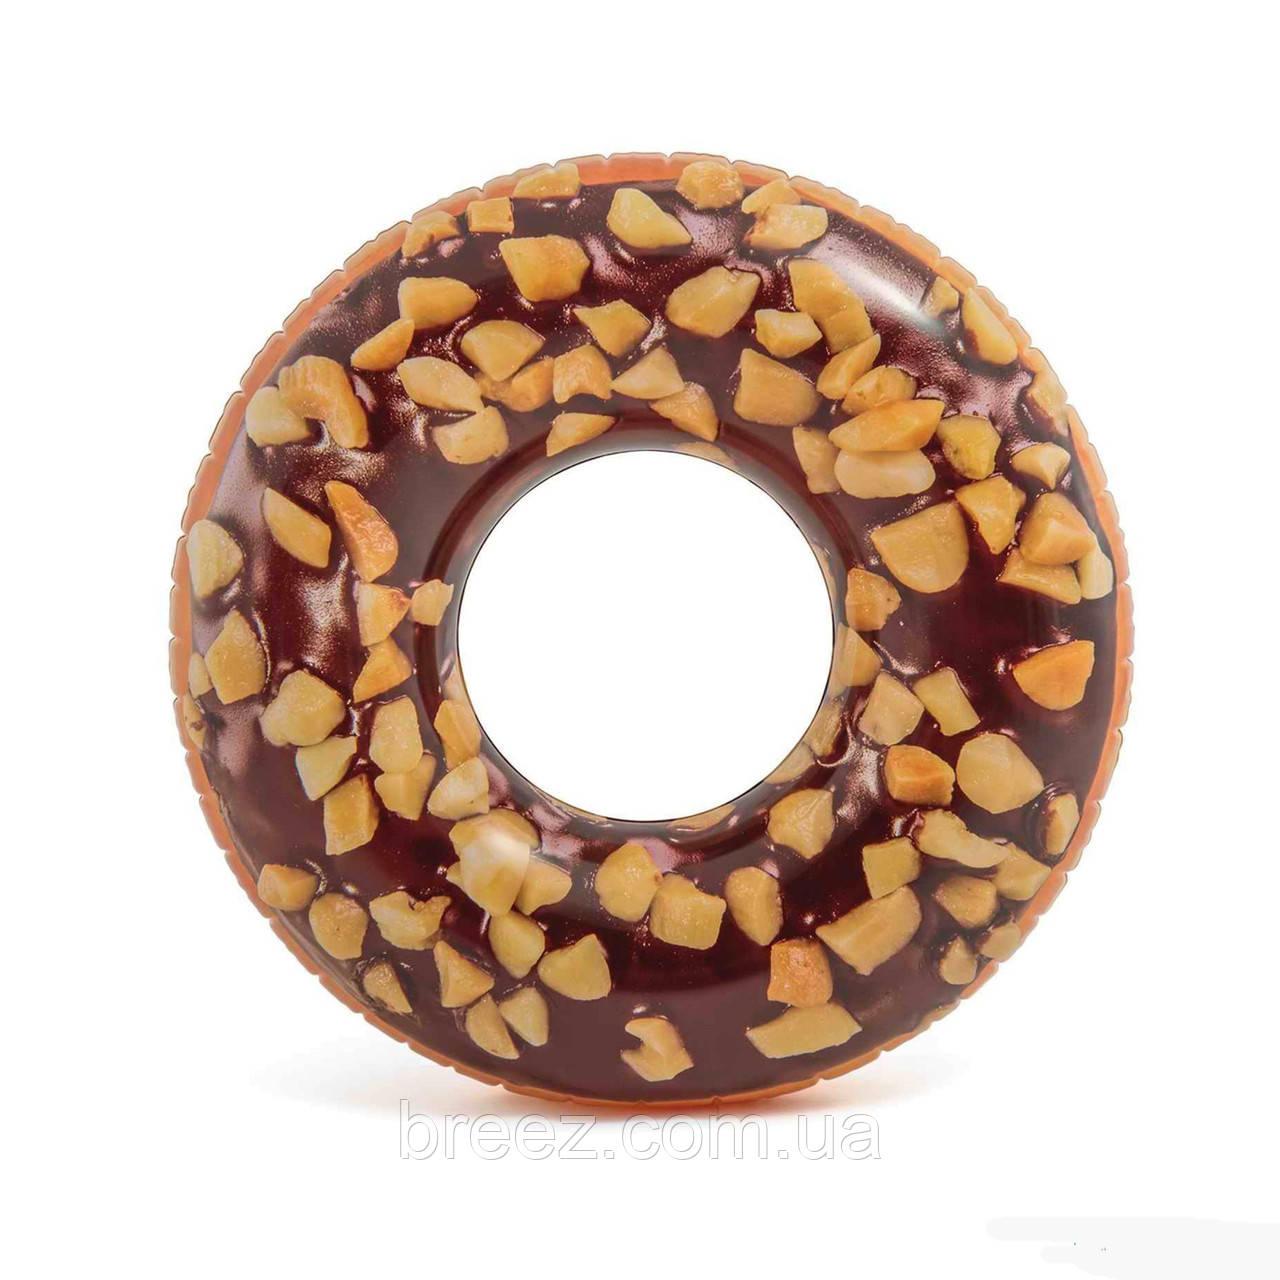 Надувной круг для плавания Intex Шоколадно-ореховый пончик 114 см